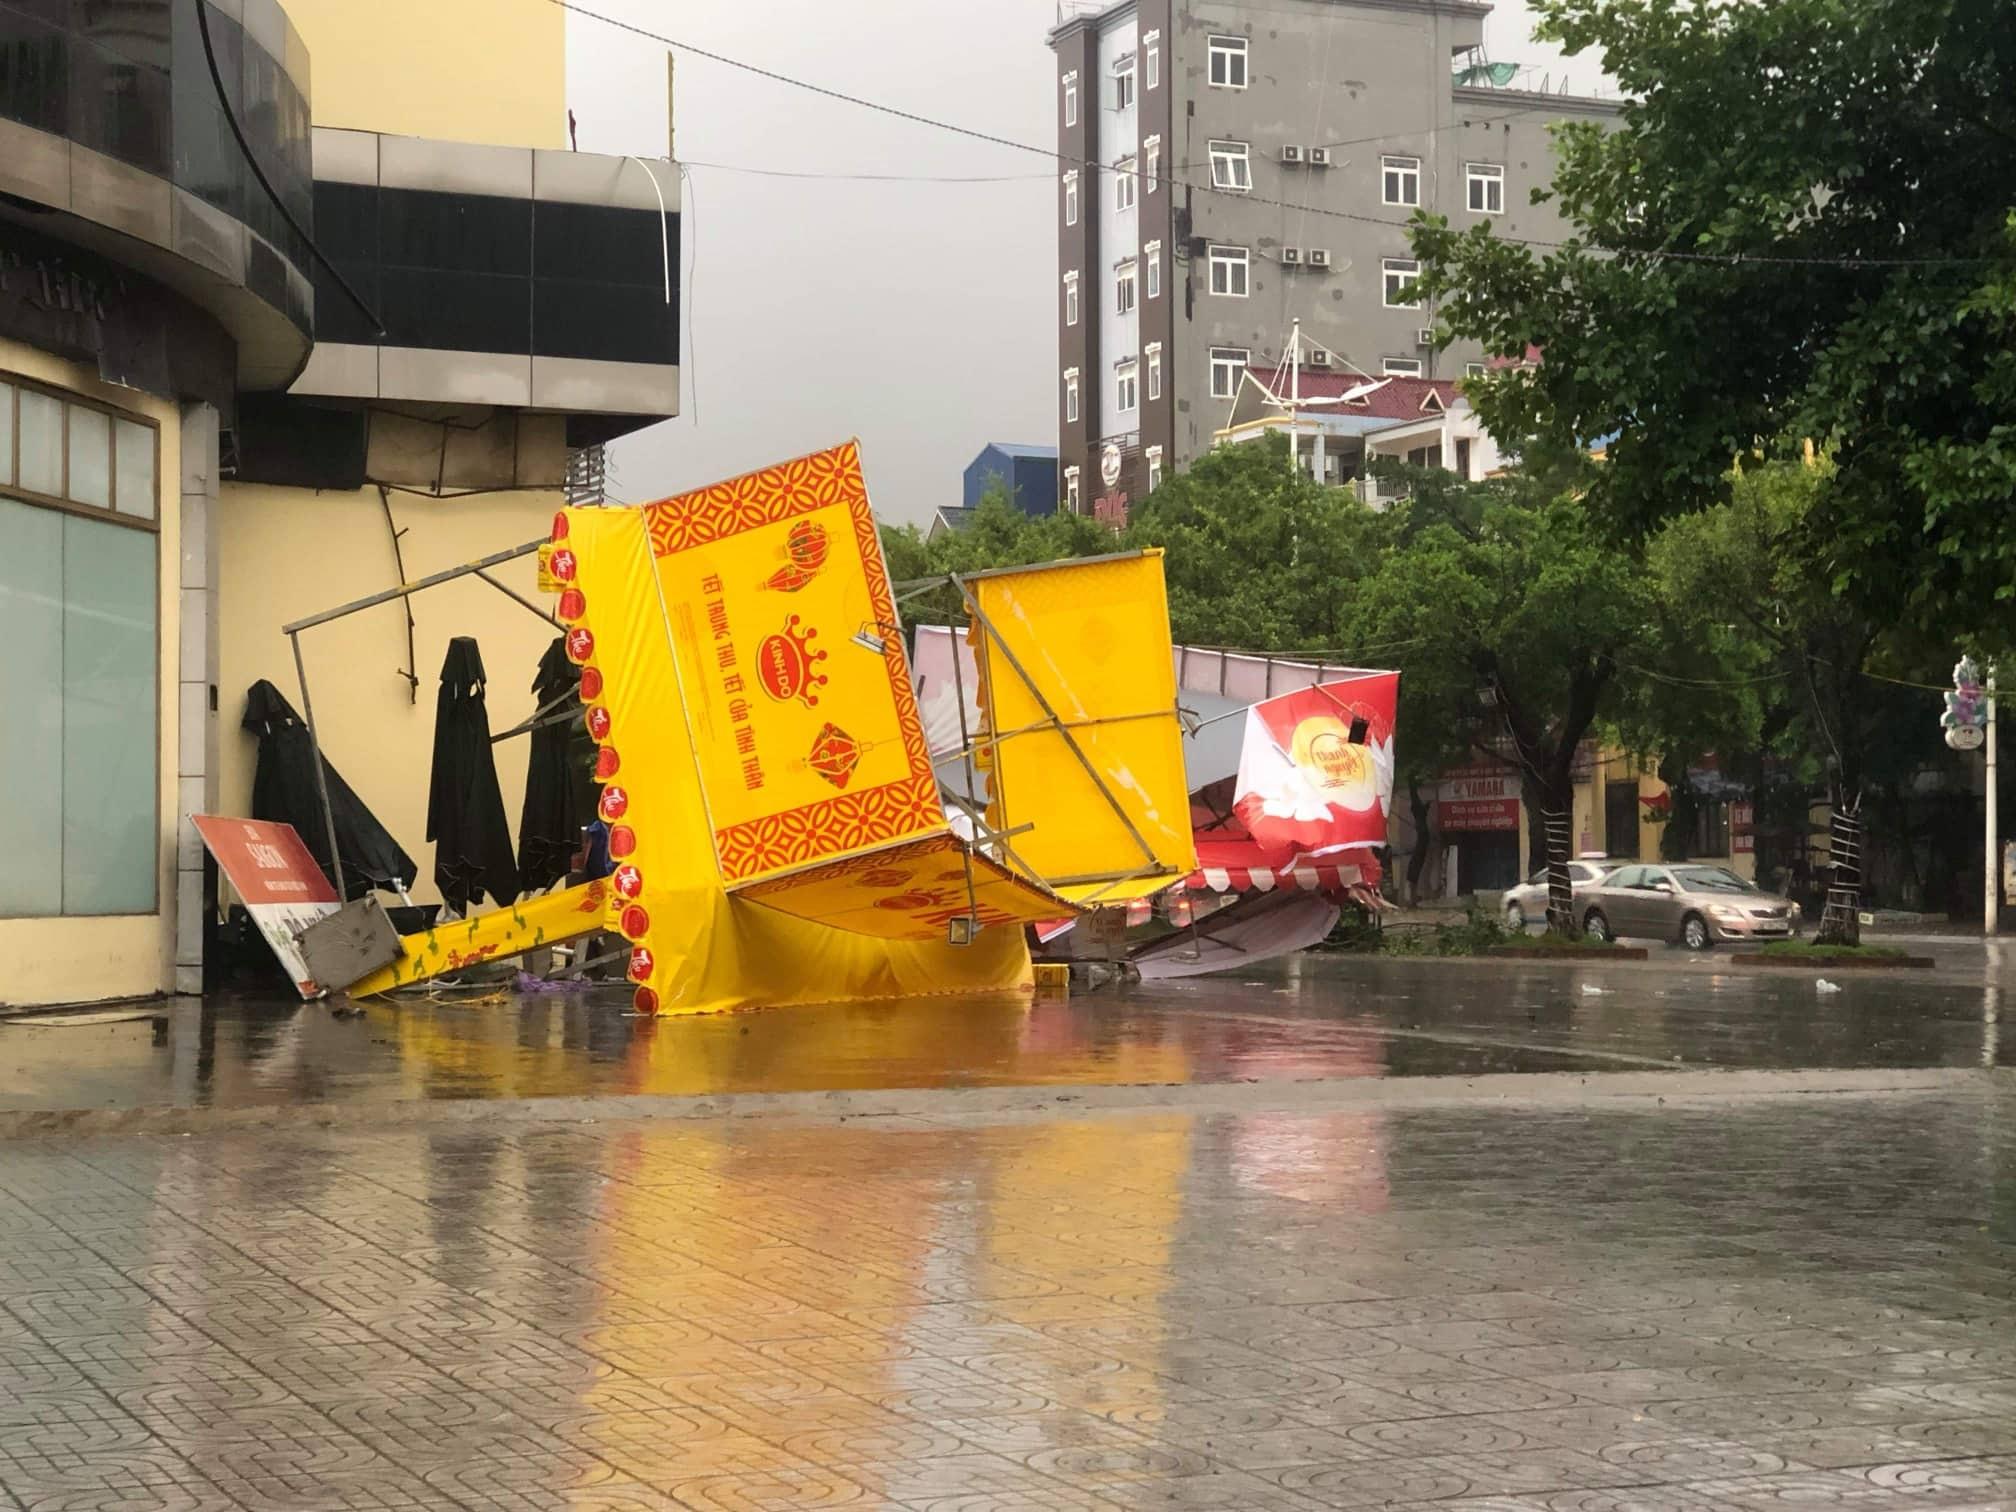 Quảng Ninh - Hải Phòng: Đường phố ngập sâu, cây xanh gãy đổ ngổn ngang sau bão số 3 - 11